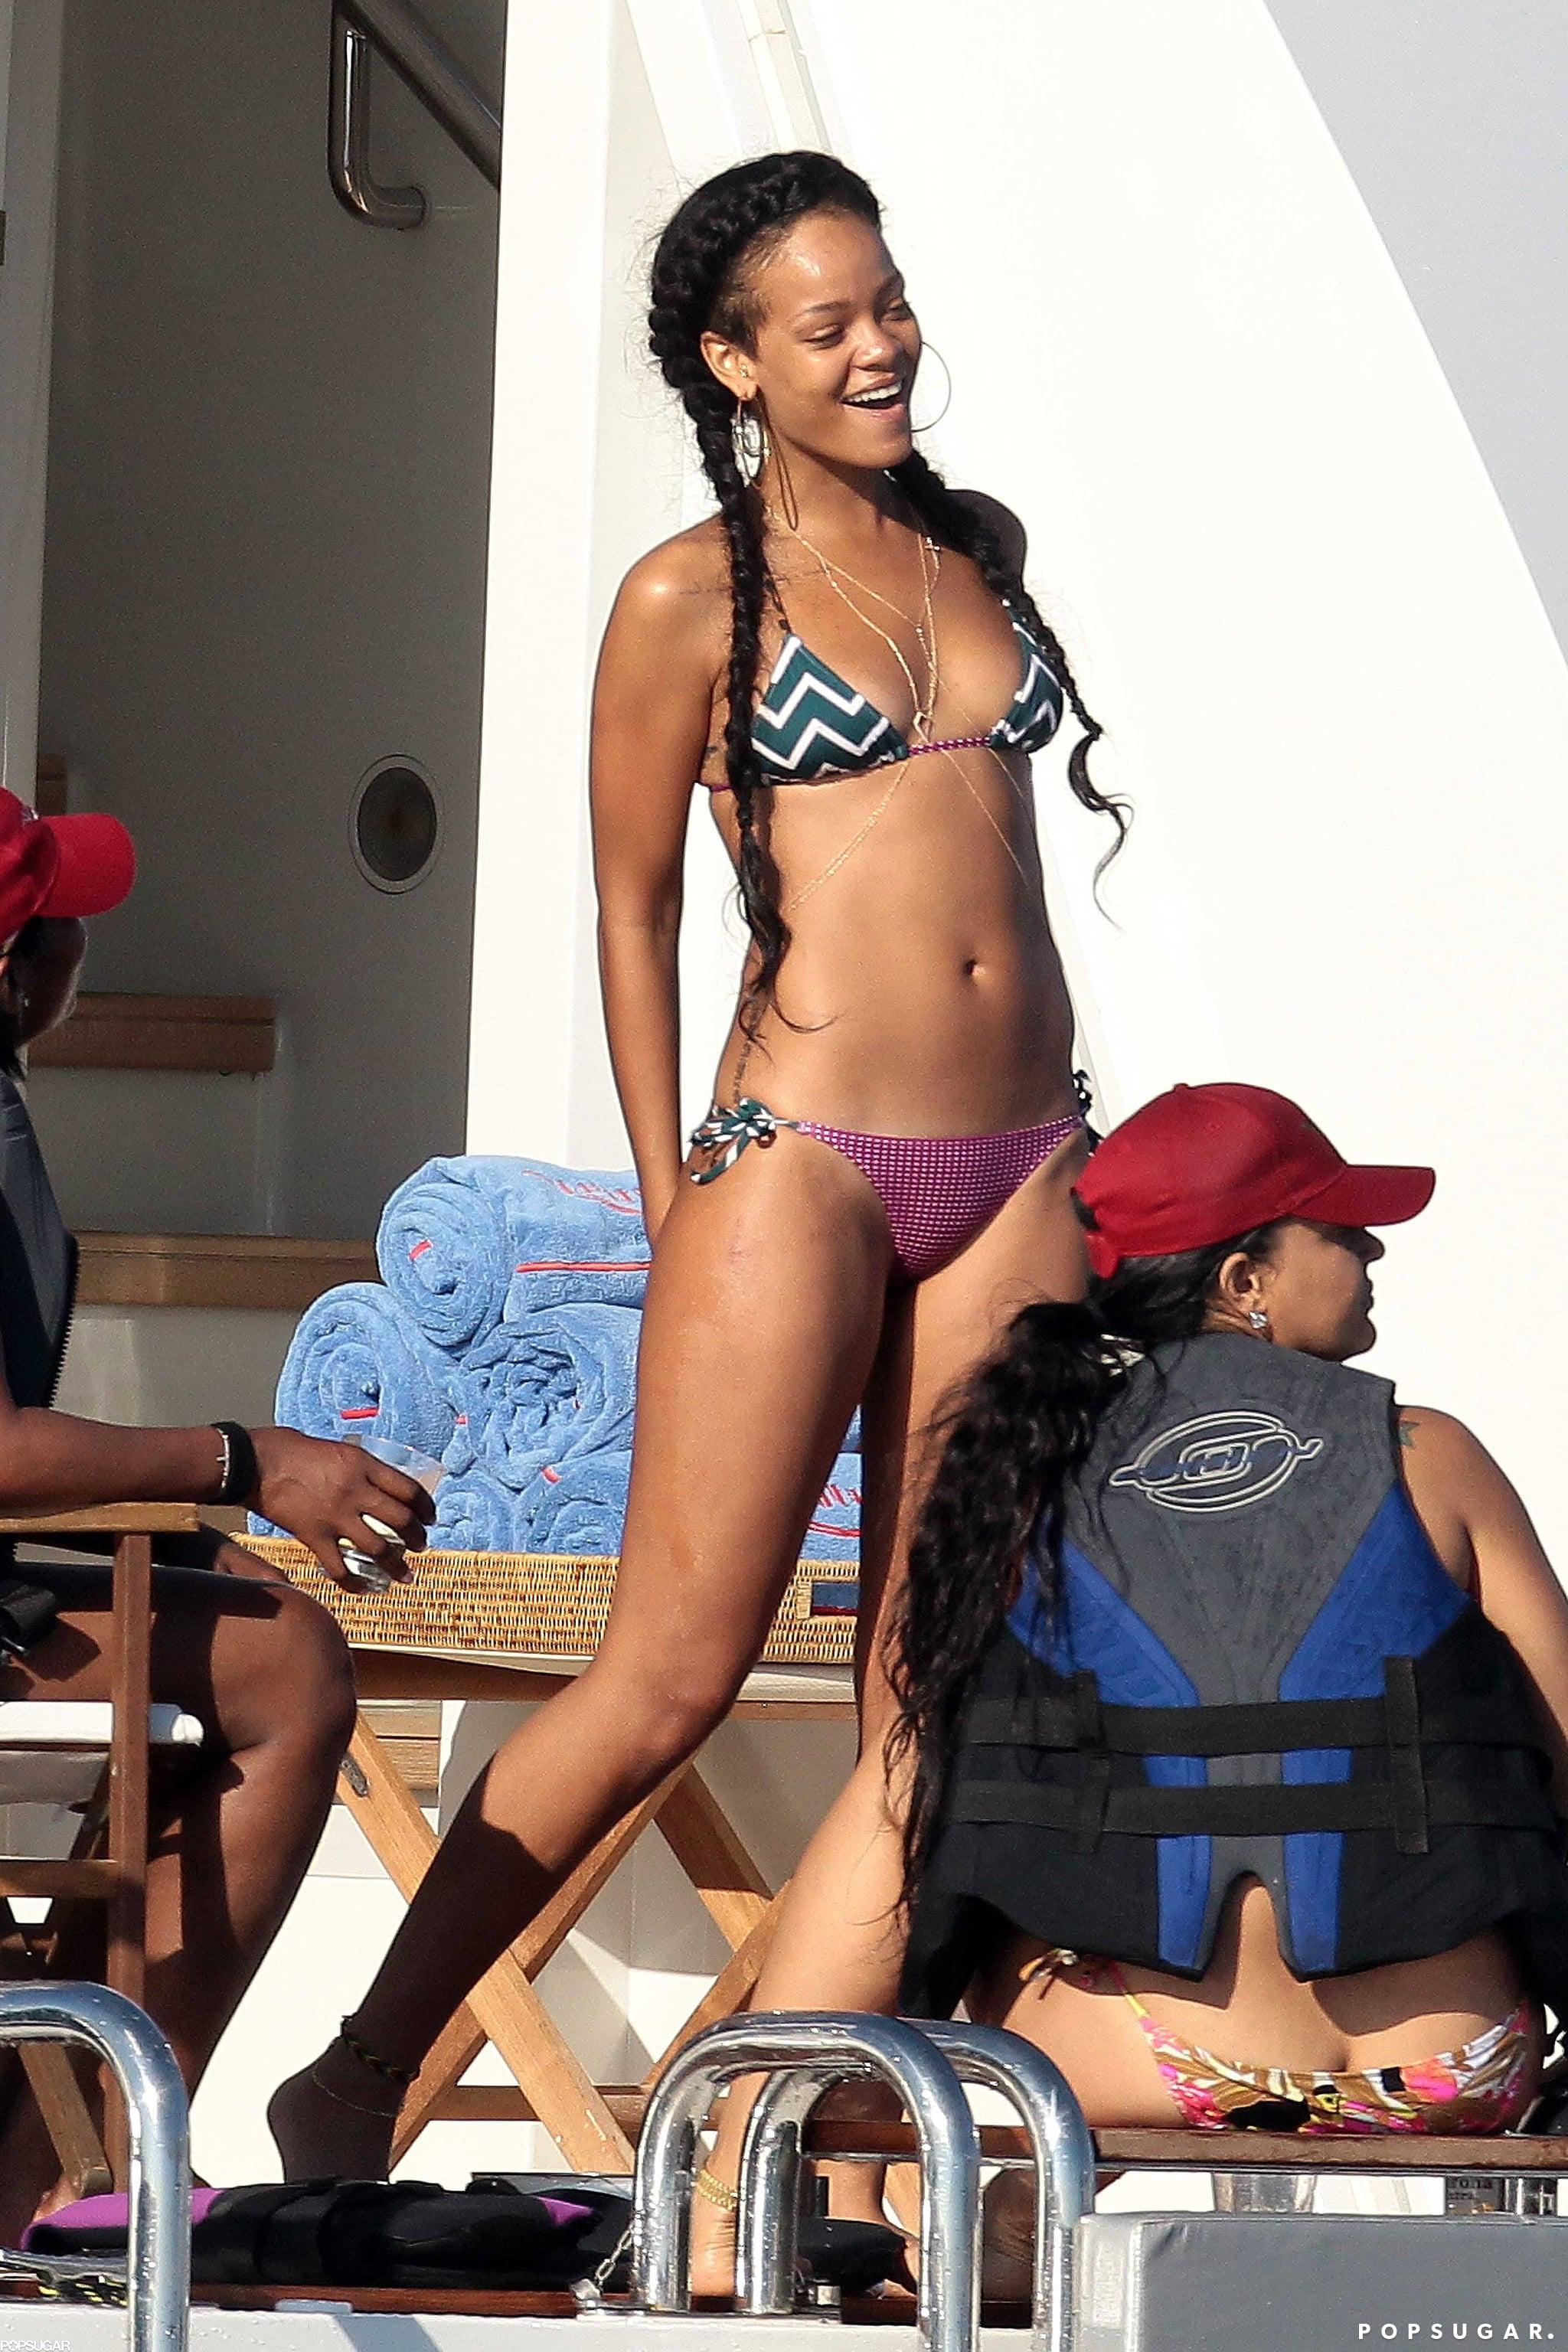 Rihanna partied on a boat in Saint-Tropez in a patterned bikini in July 2012.